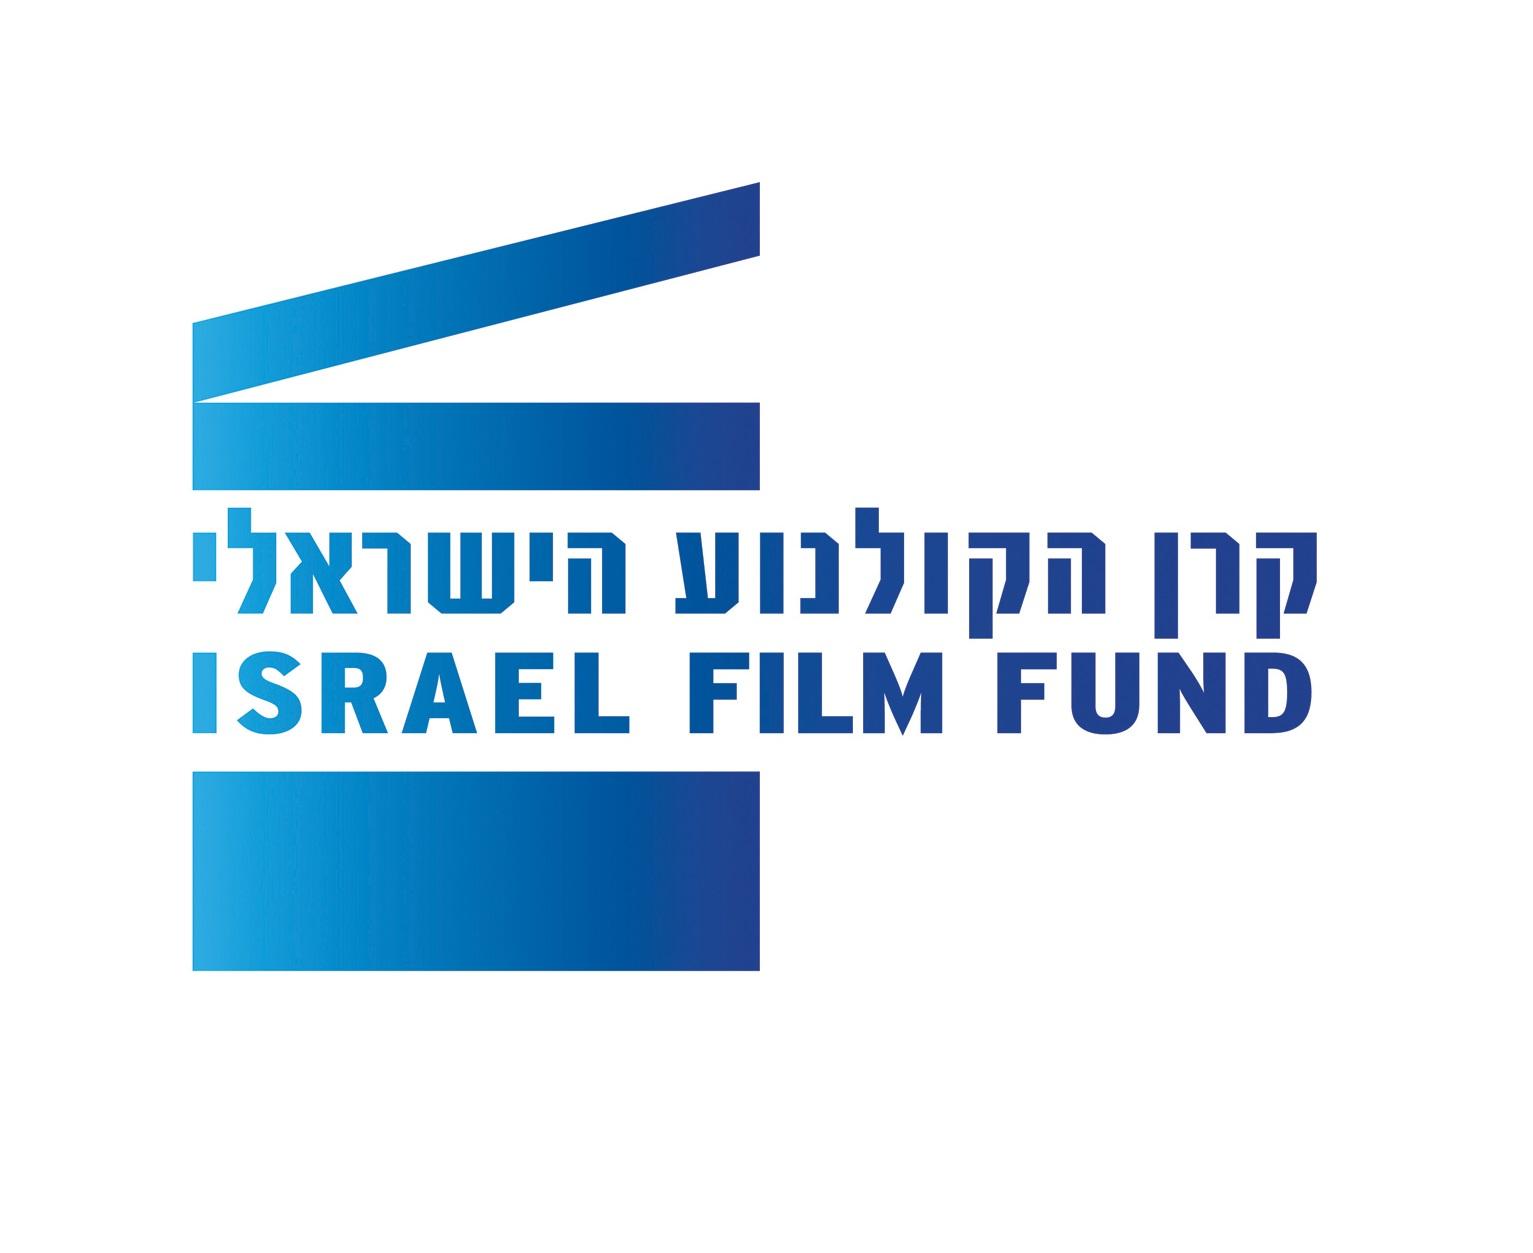 קרן הקולנוע הישראלי